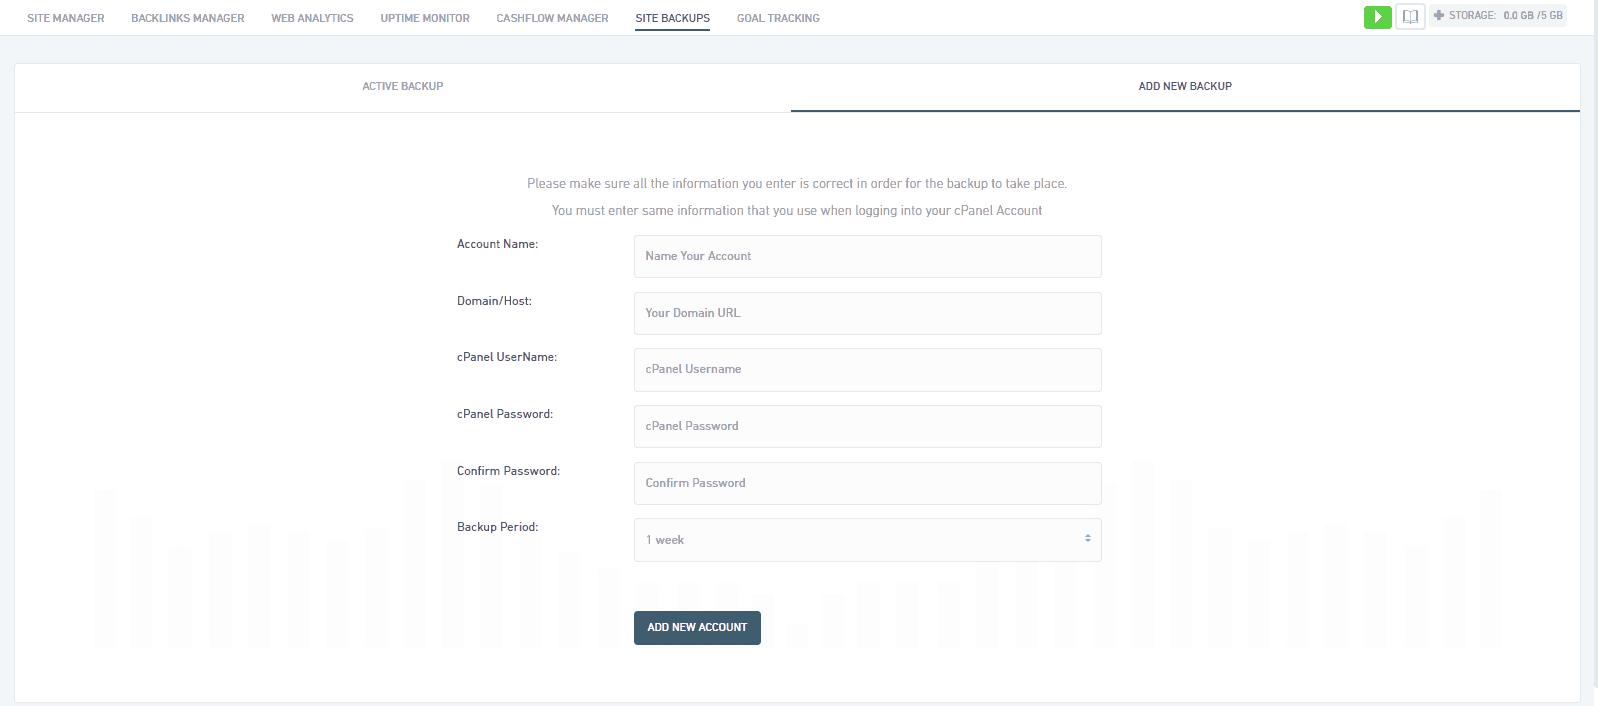 Site backups